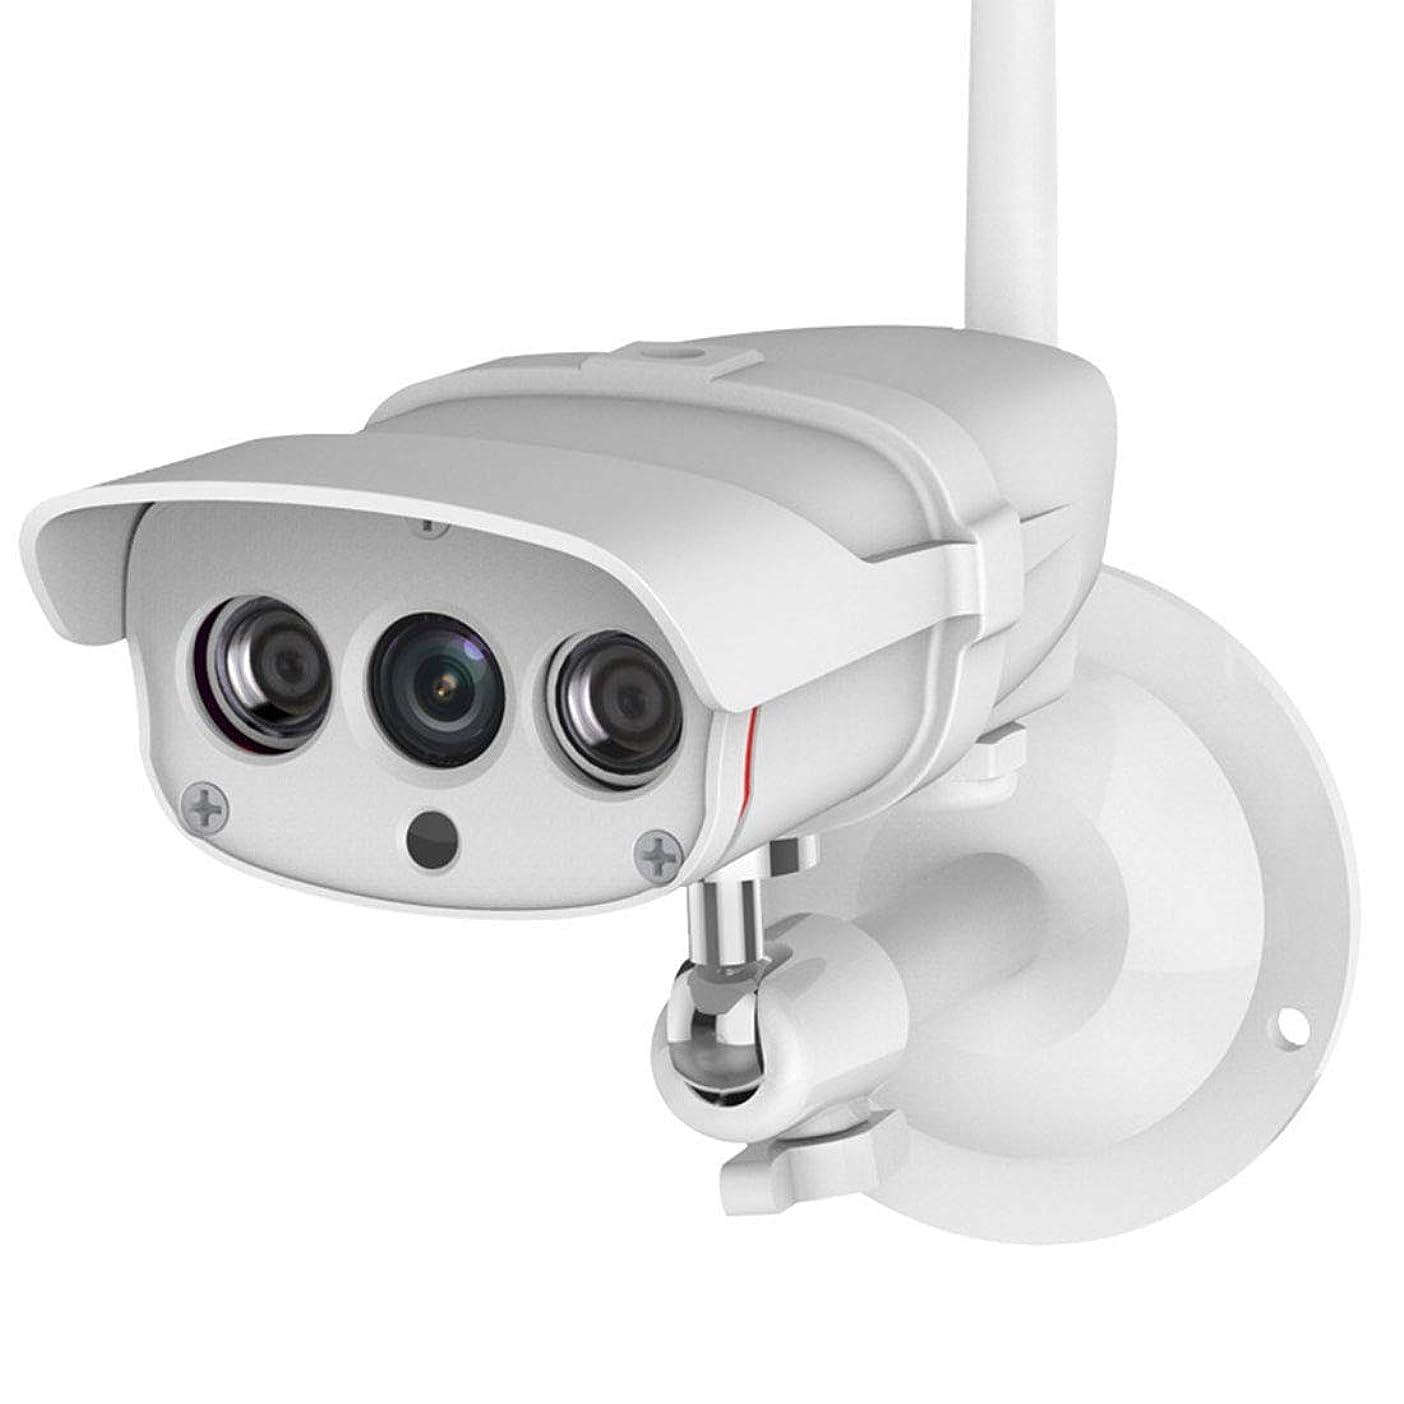 アニメーションテメリティ統合するノウ建材貿易 1080P HDの保安用カメラのWifiネットワークスマートカメラの遠隔監視カメラ